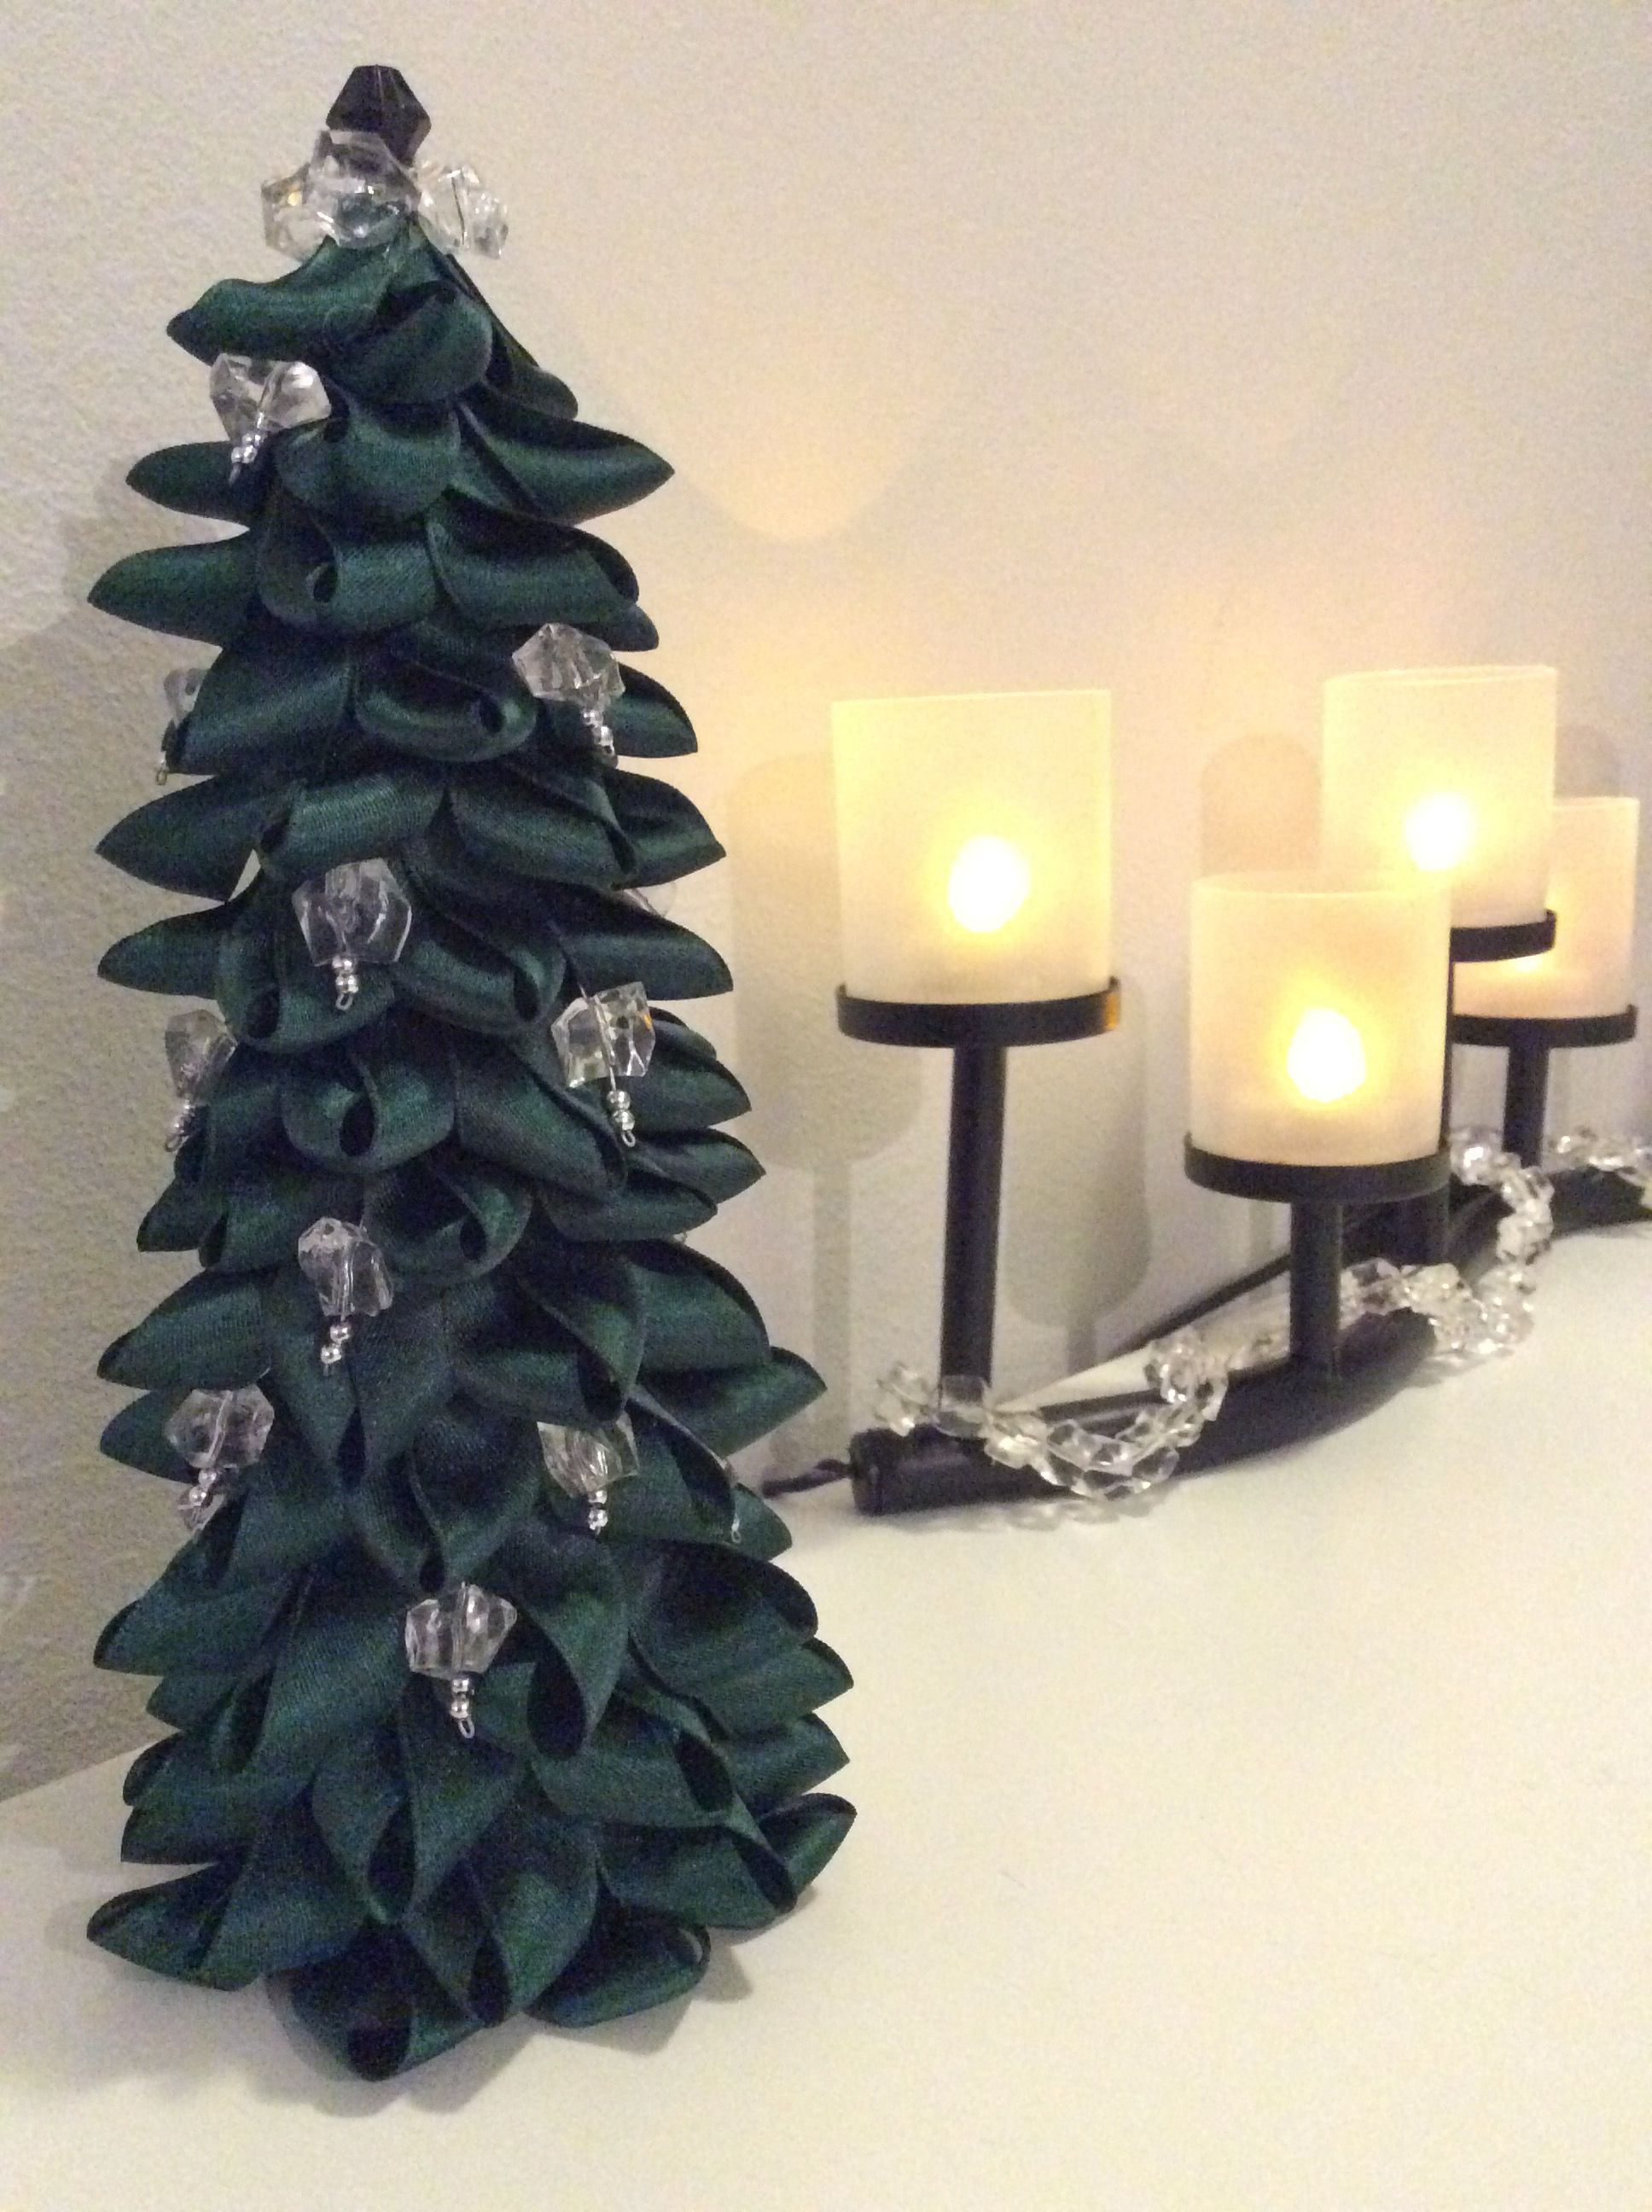 TSI, DIY, joulukuusi, kuusi, pöytäkuusi, kartio, kuumaliimaa, nauhoja lenkeiksi, muovihelmiä, rautalankaa, joulukoriste